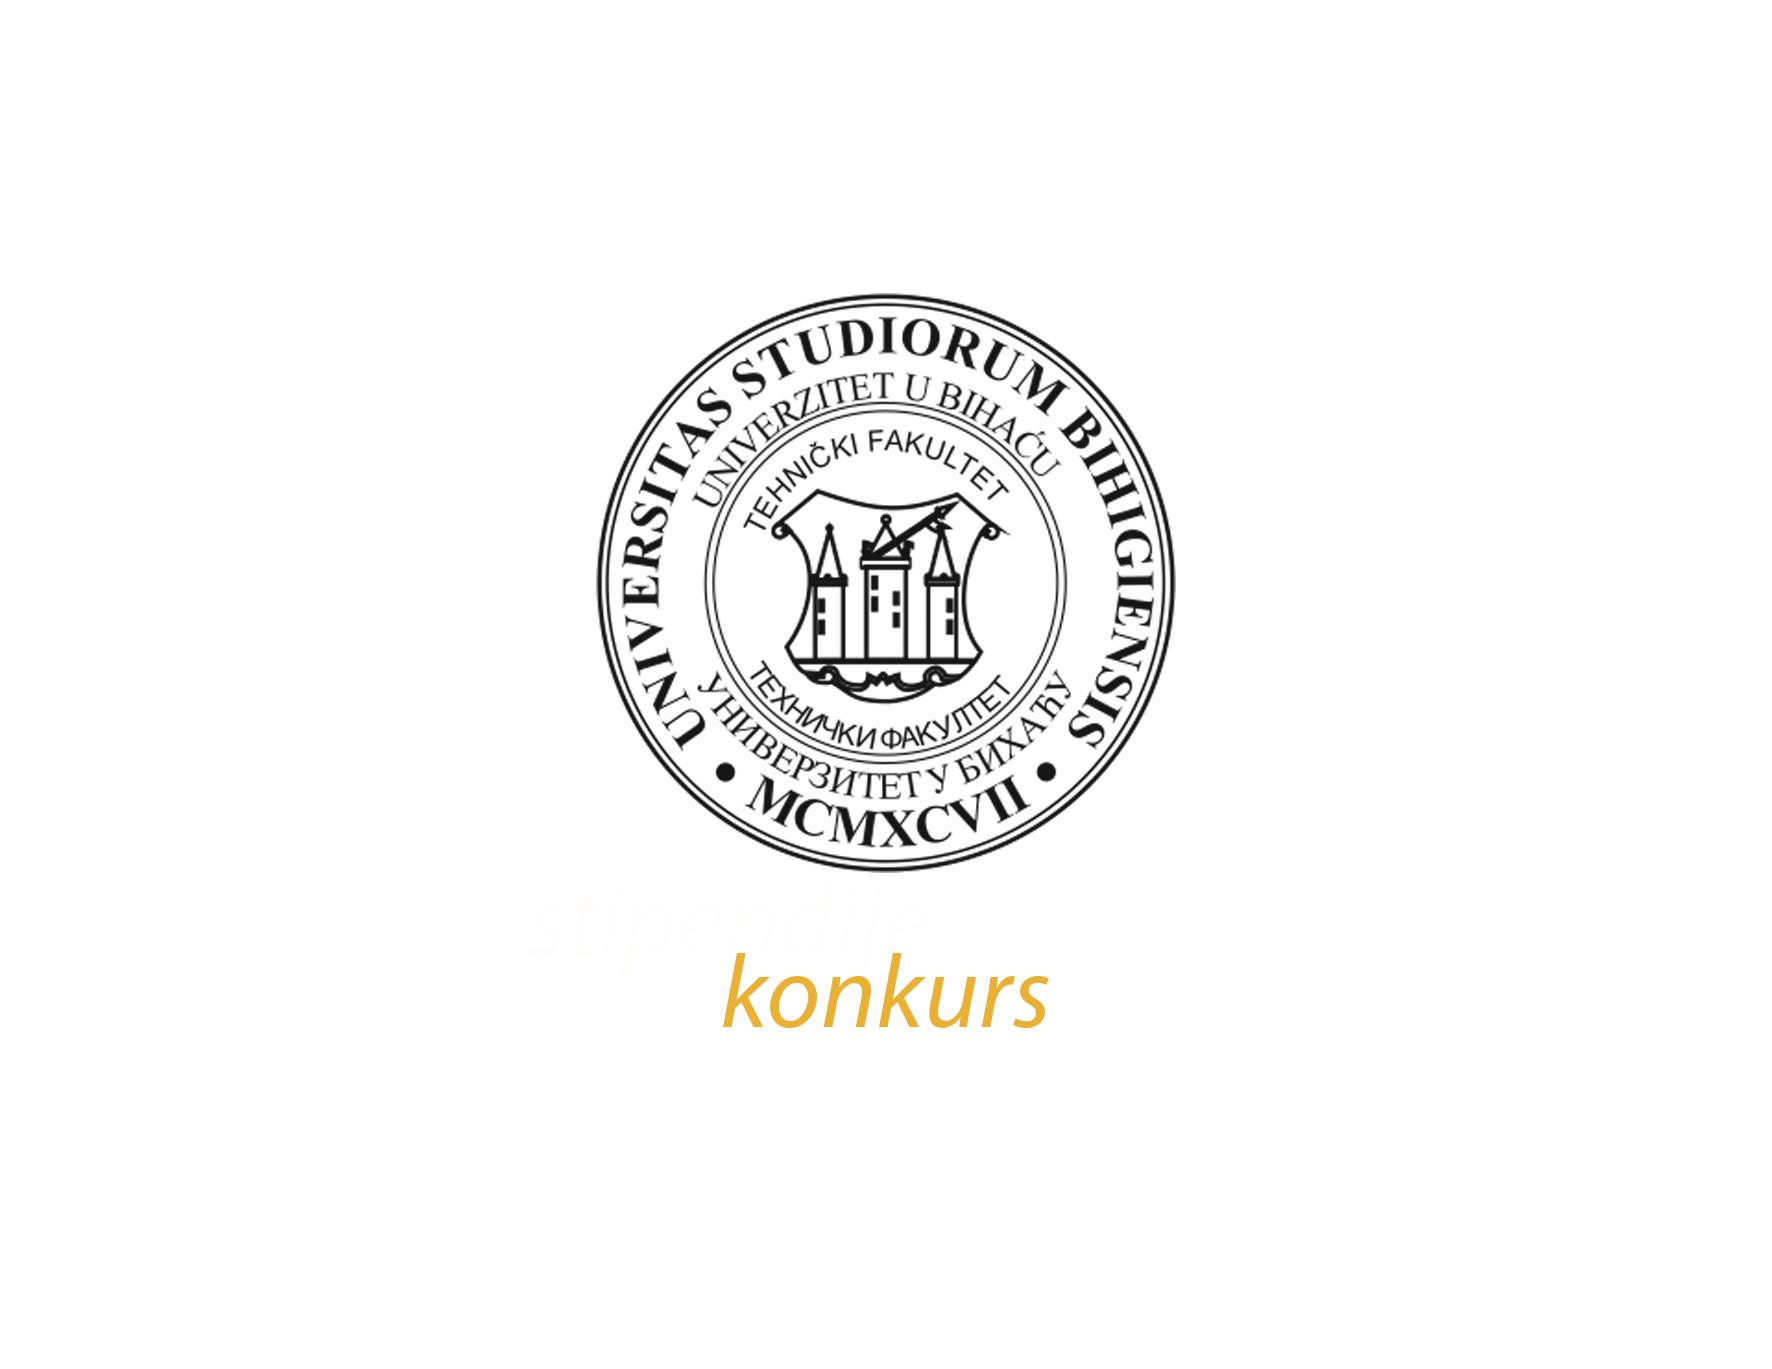 Konkurs Tehničkog fakulteta Univerziteta u Bihaću za napredovanje